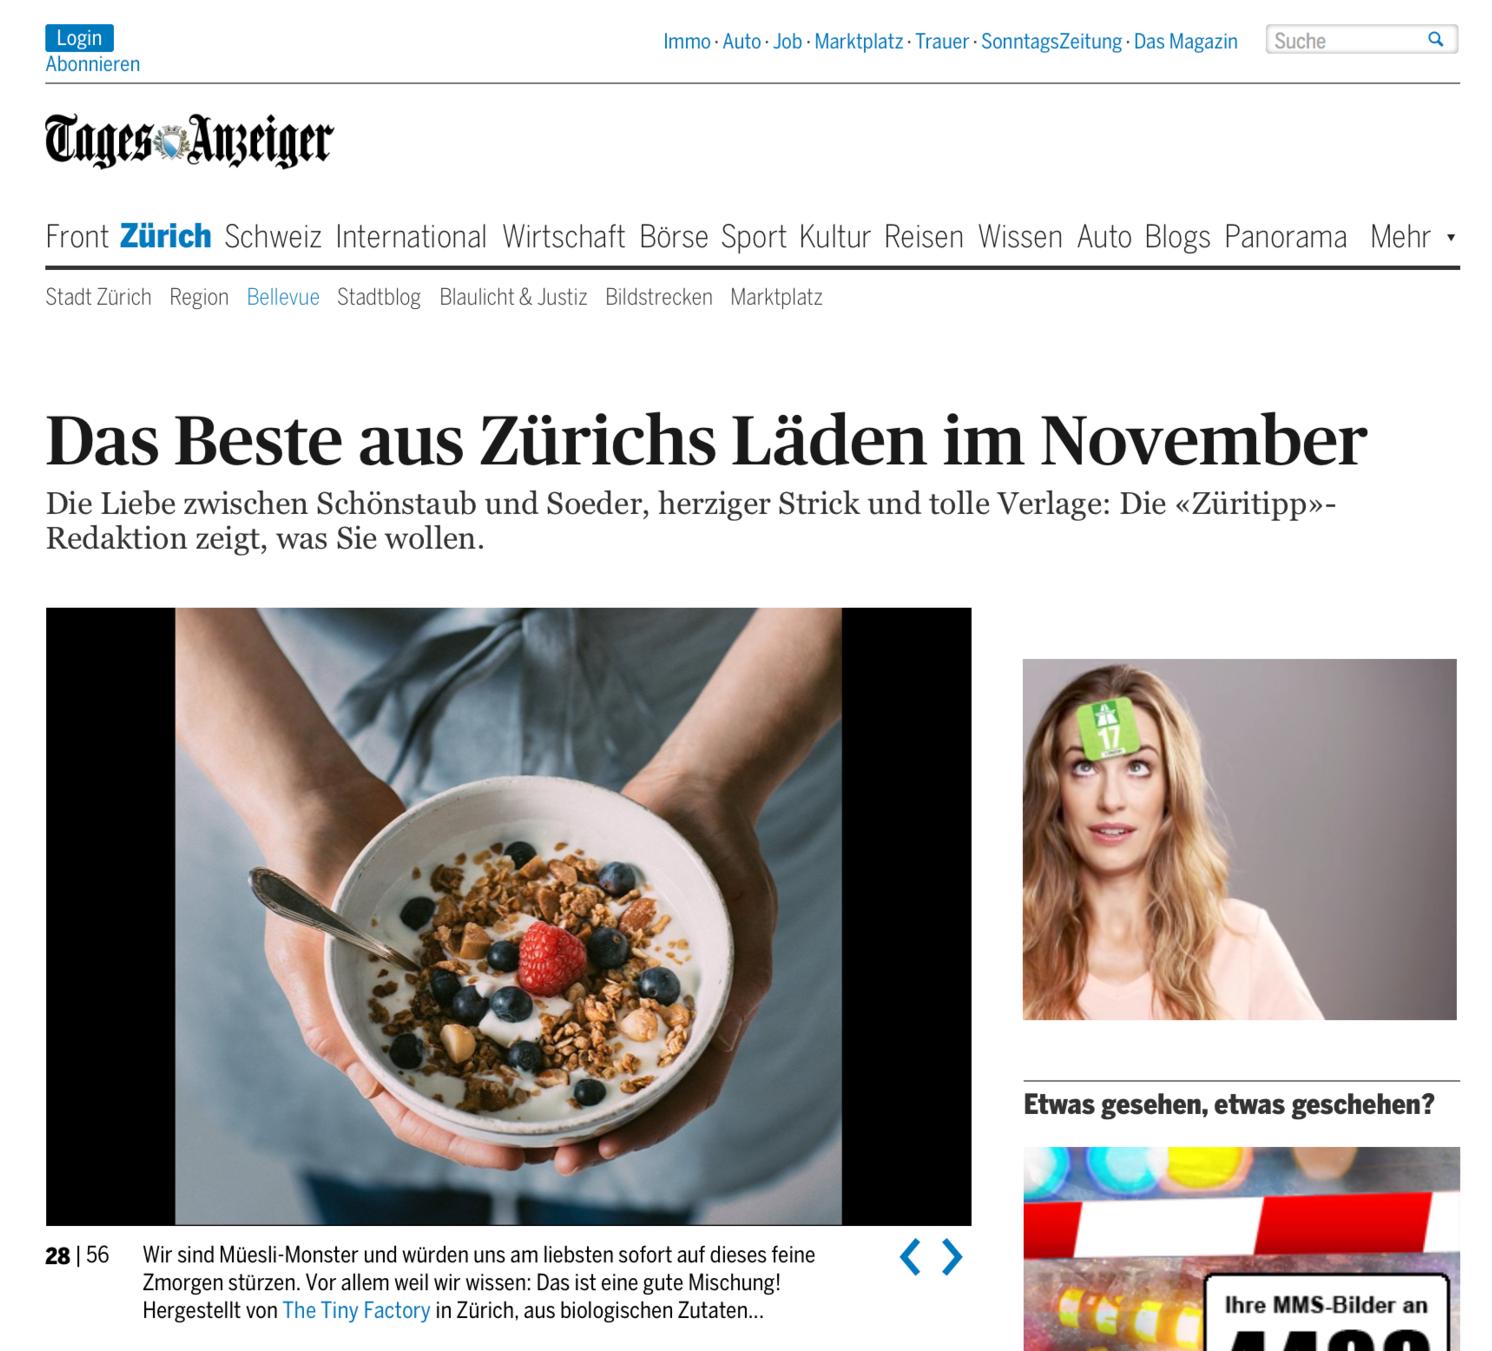 http://www.tagesanzeiger.ch/zuerich/bellevue/das-beste-aus-zuerichs-laeden-im-november/story/10130257